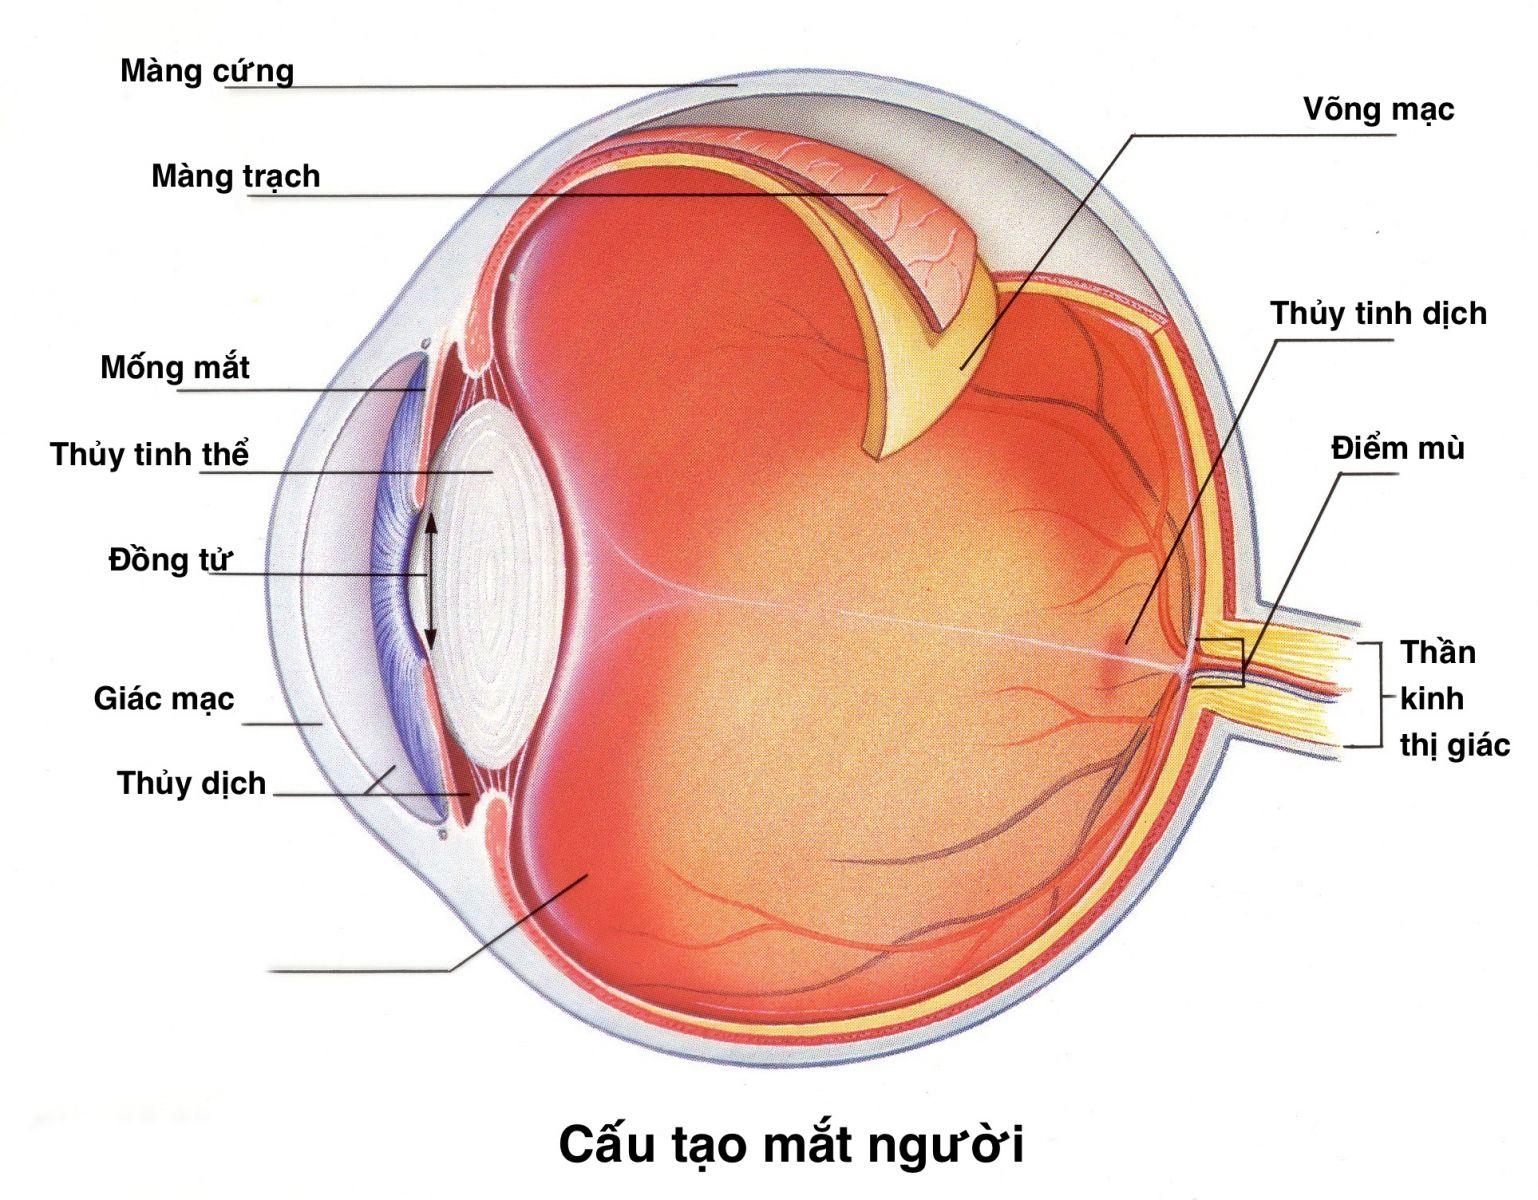 thay võng mạc mắt